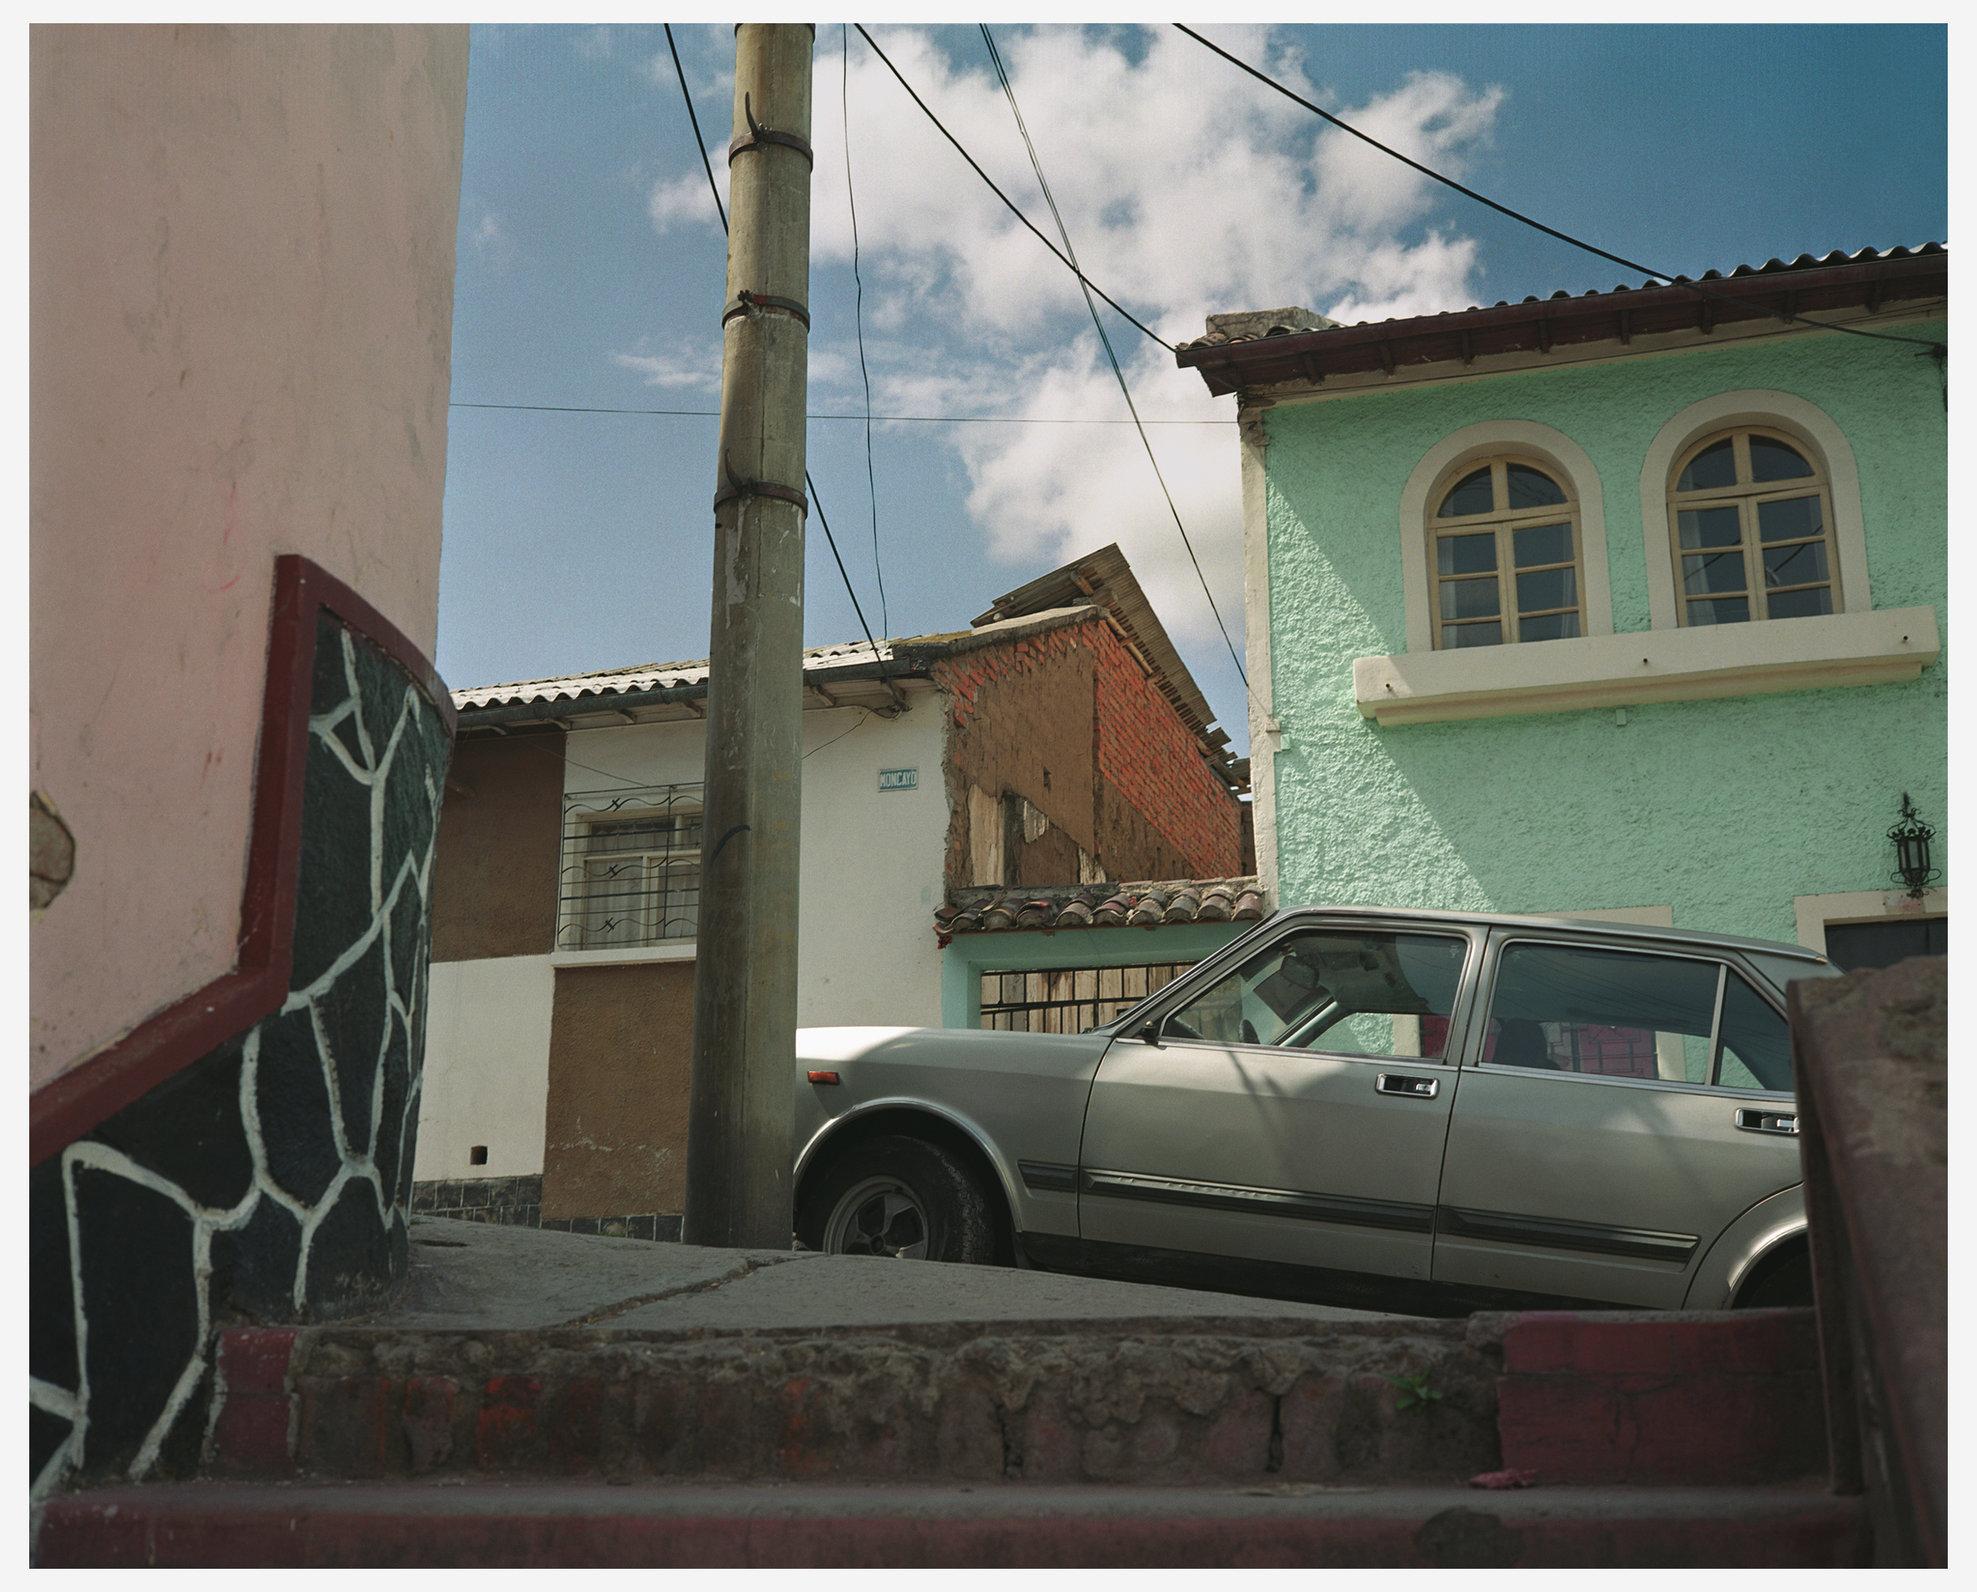 022  EWS  Car Quito.jpg